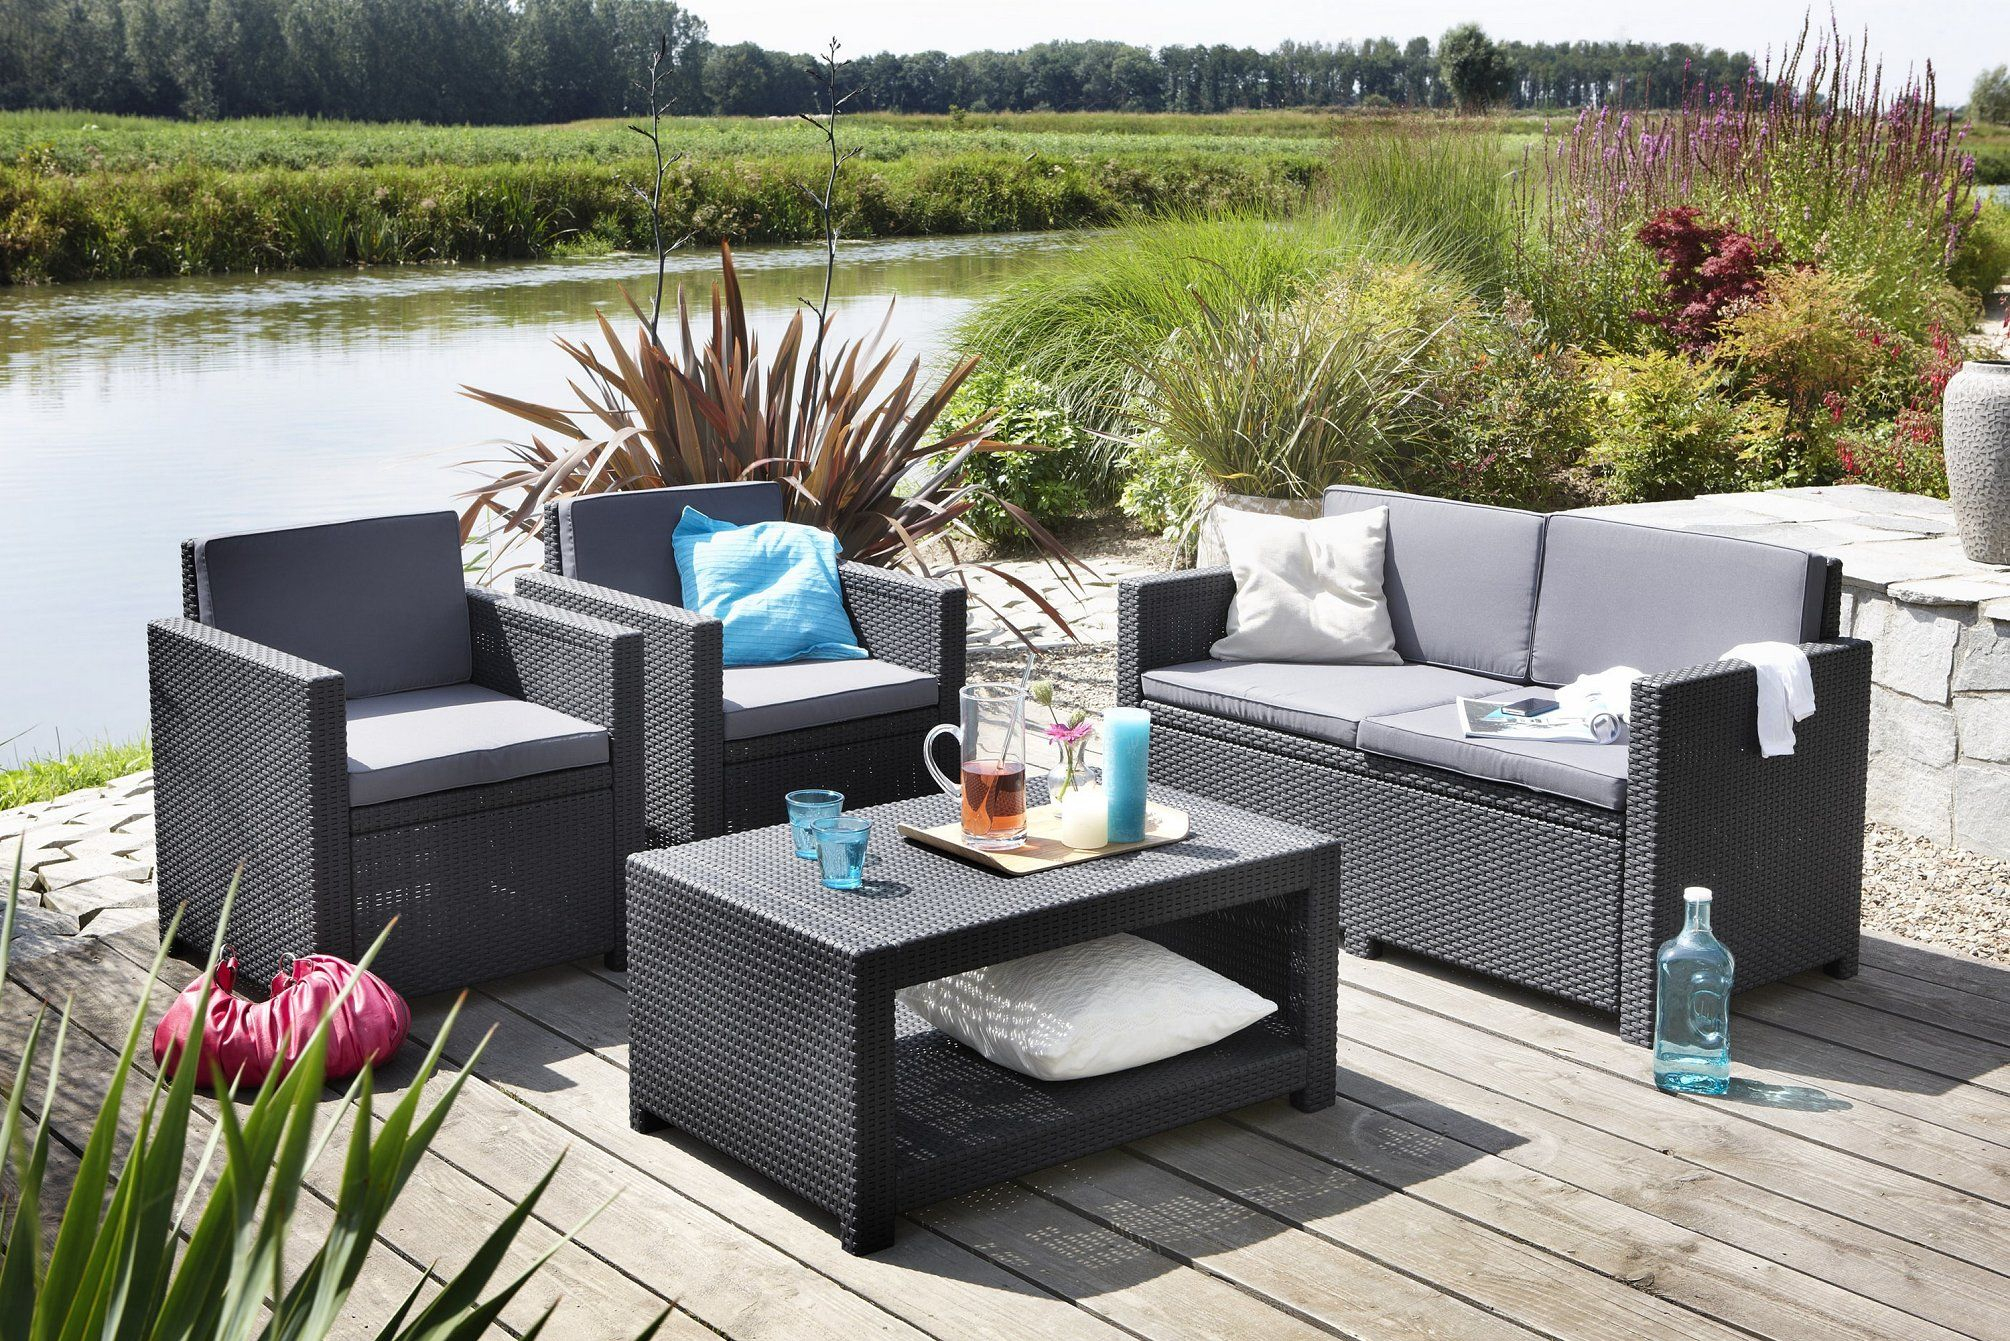 Castell Soffgrupp In 2020 | Outdoor Furniture Sets, Garden ... destiné Table De Jardin Hyper U